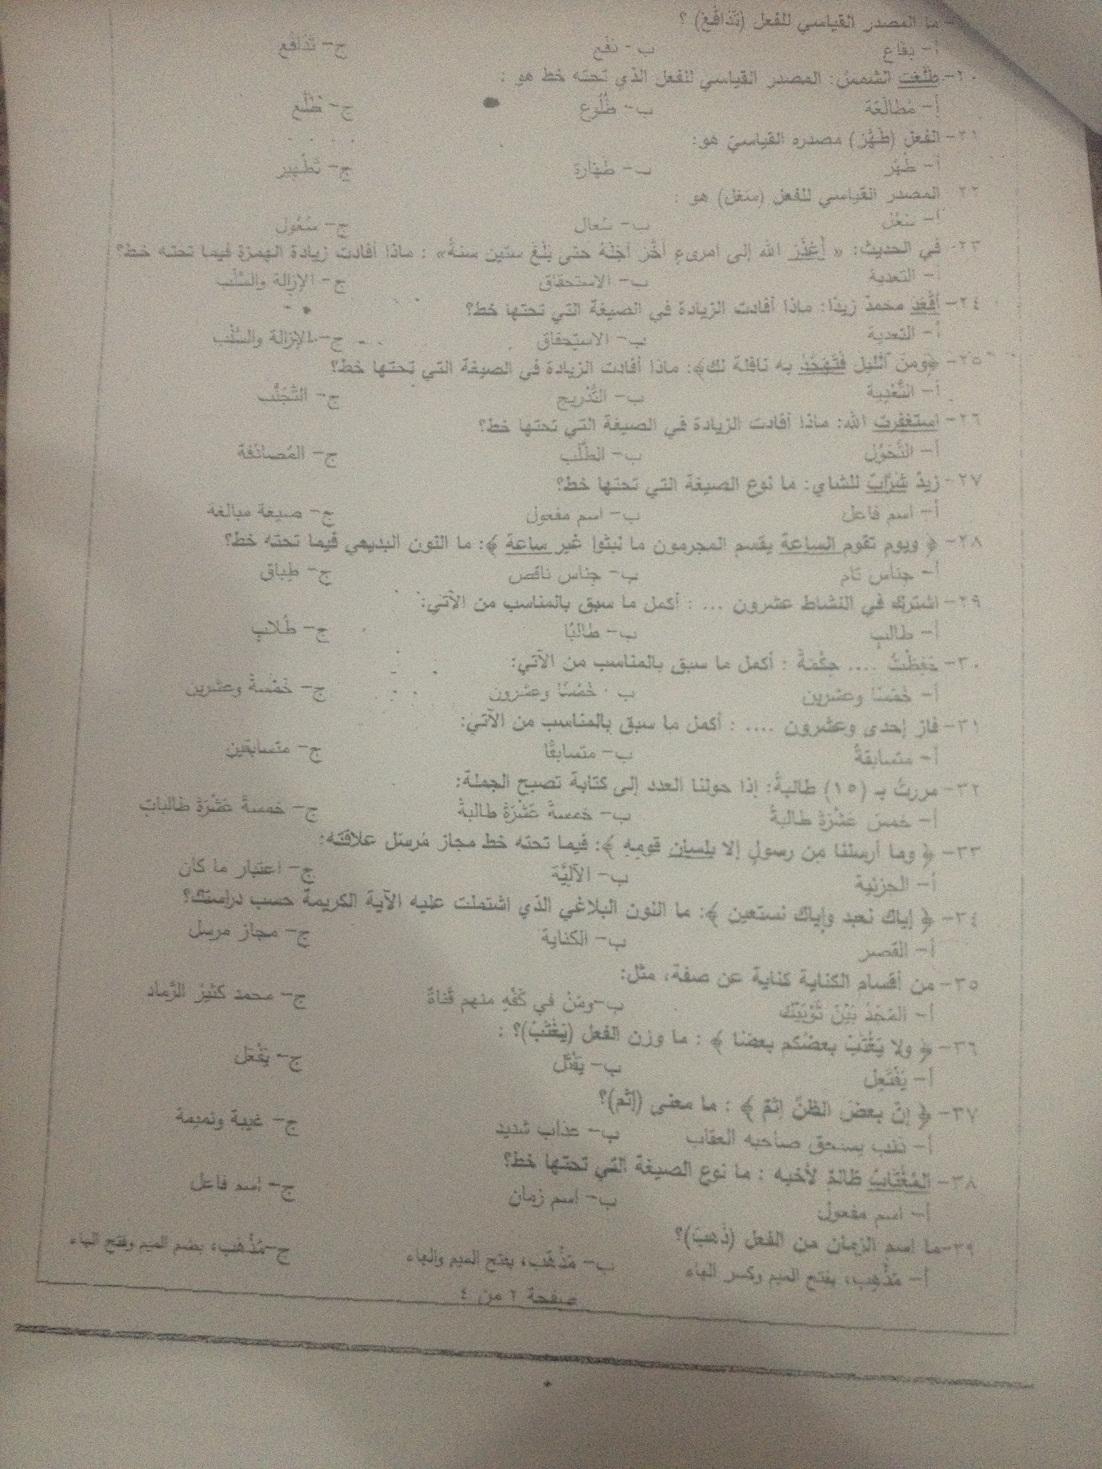 اسئلة اختبار مادة اللغة العربية (2) الفصل الدراسي الثاني 1433هـ 2685.jpg